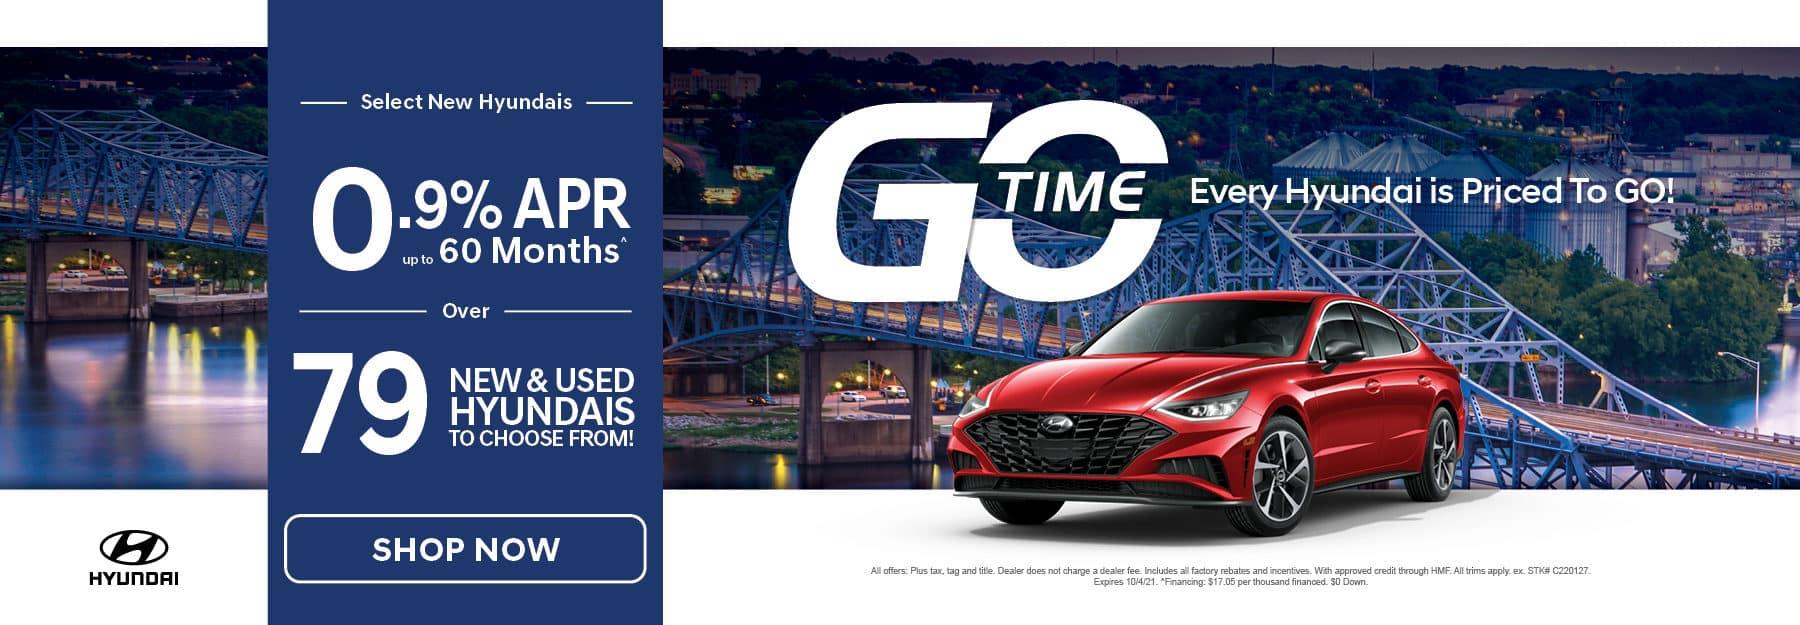 Go Time Select New Hyundais